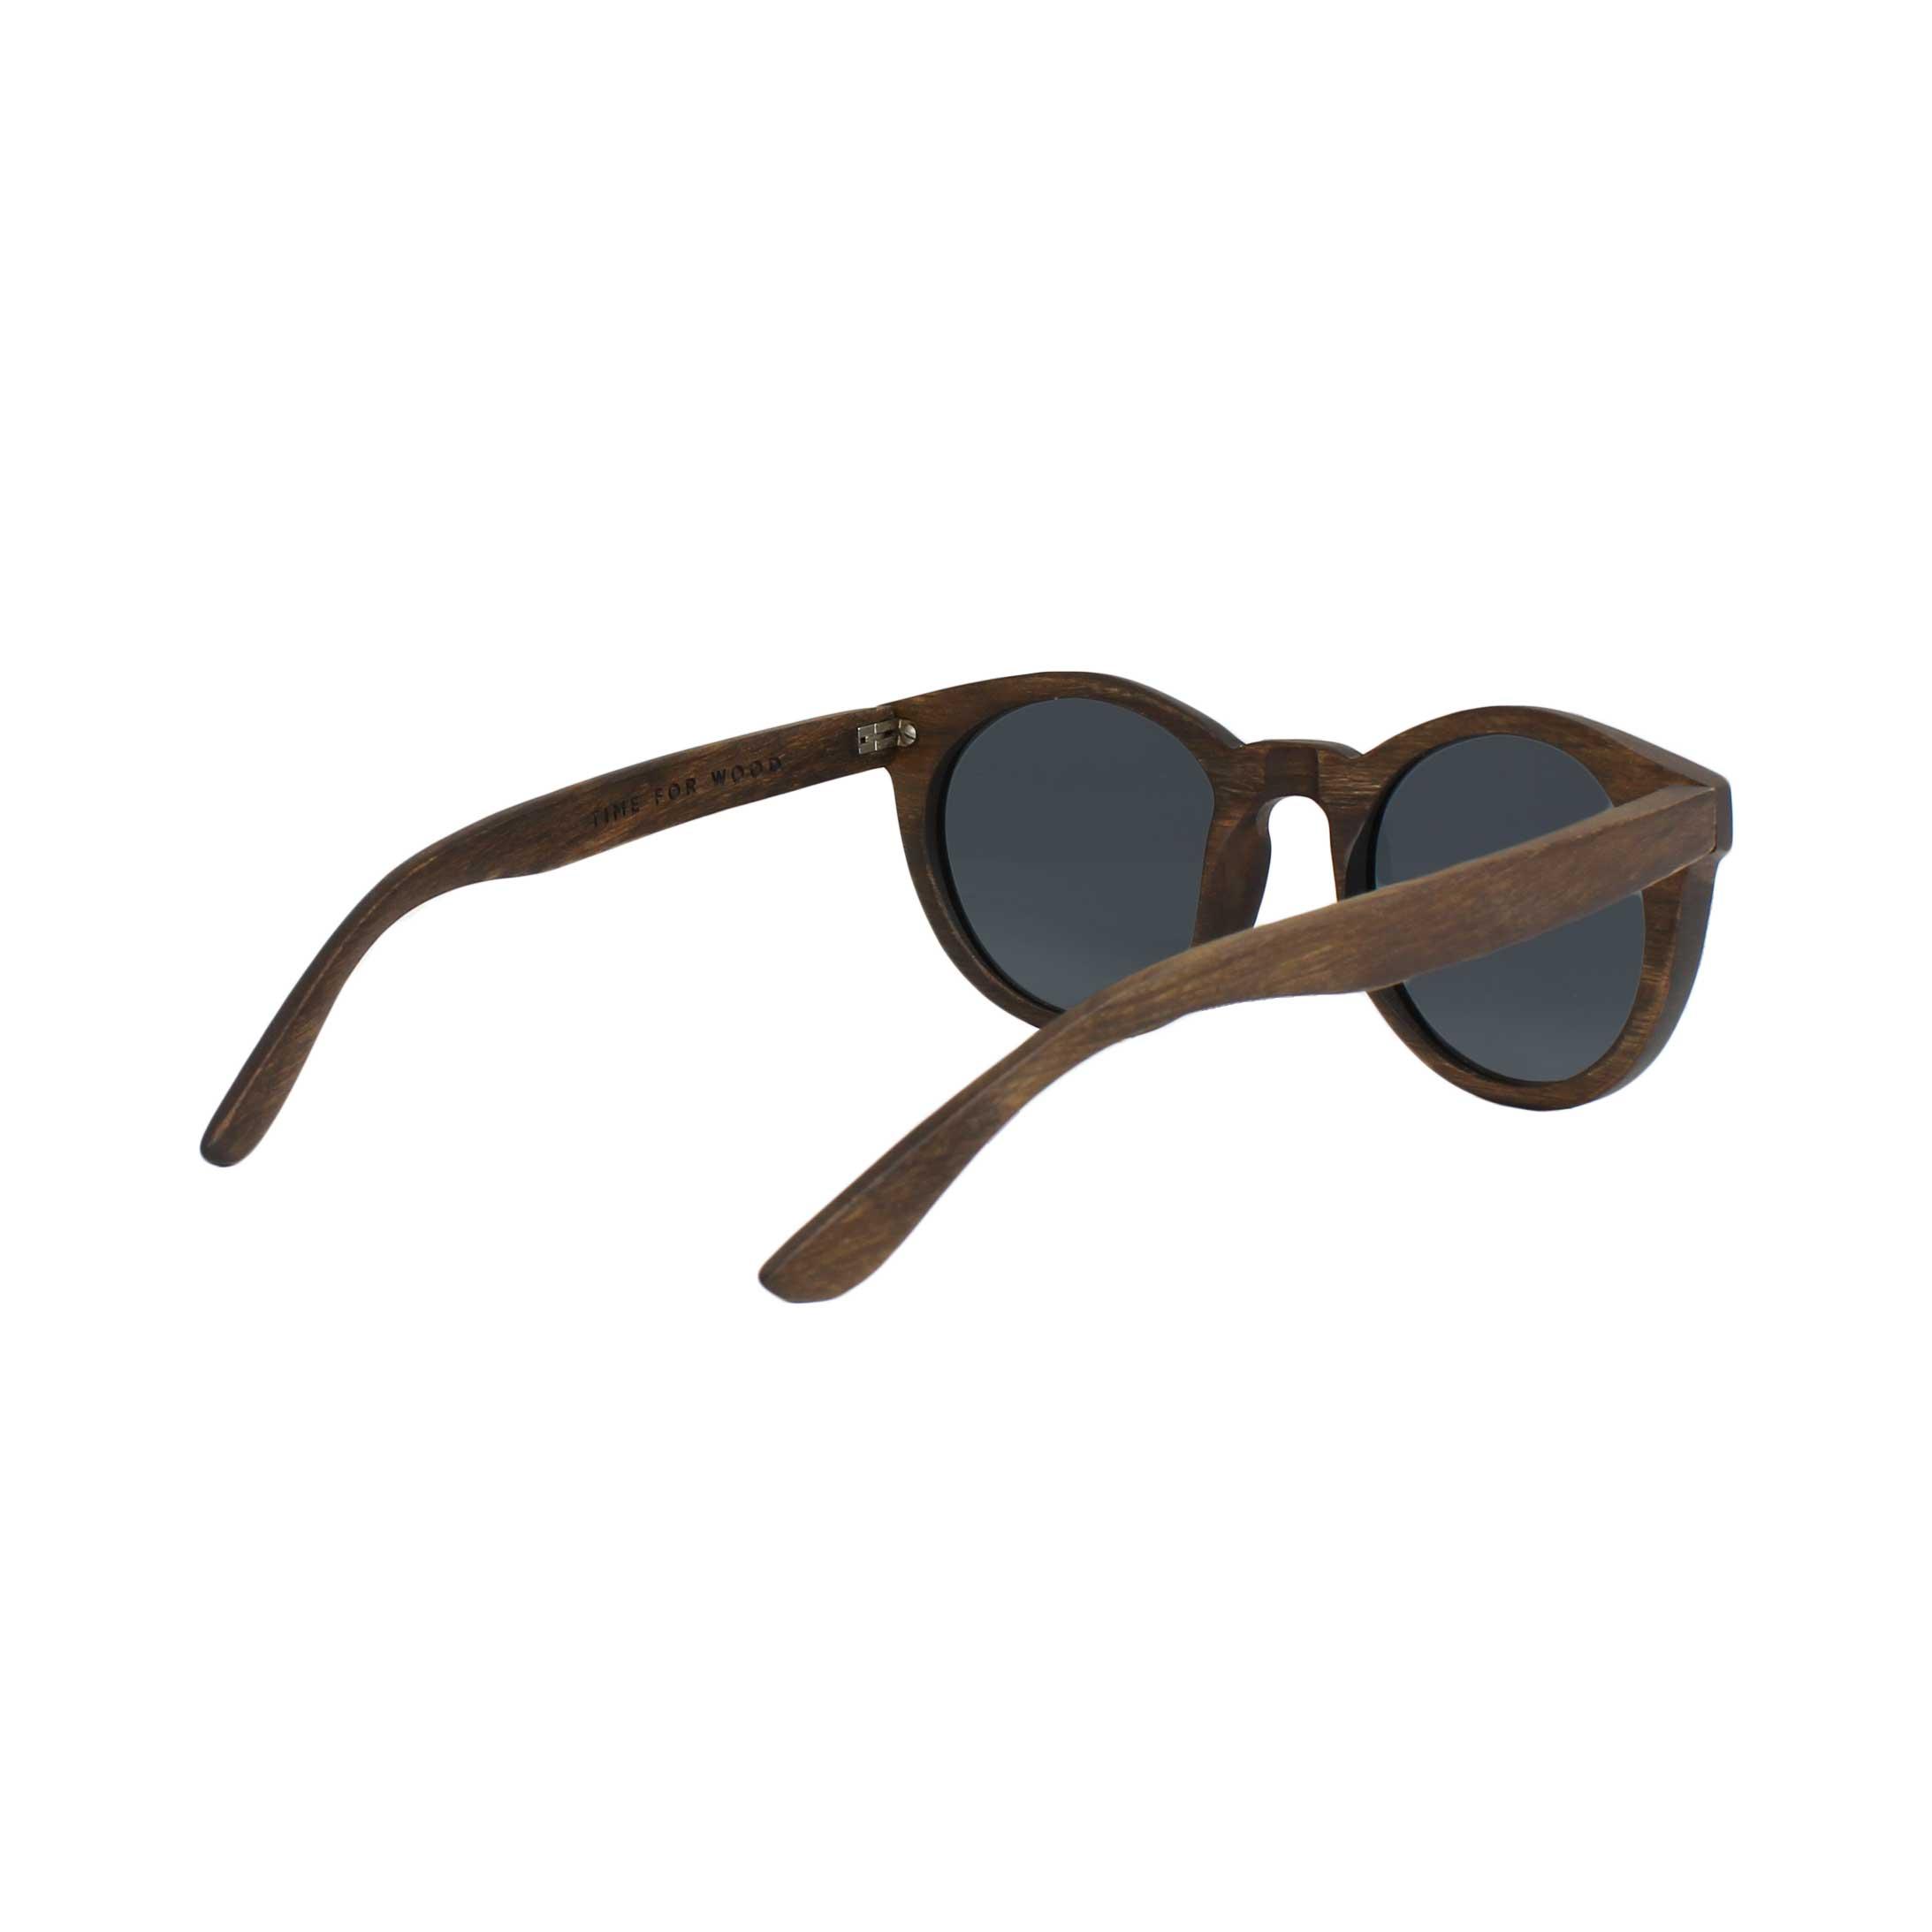 calero time for wood lunettes de soleil fait main accessoire mode homme femme